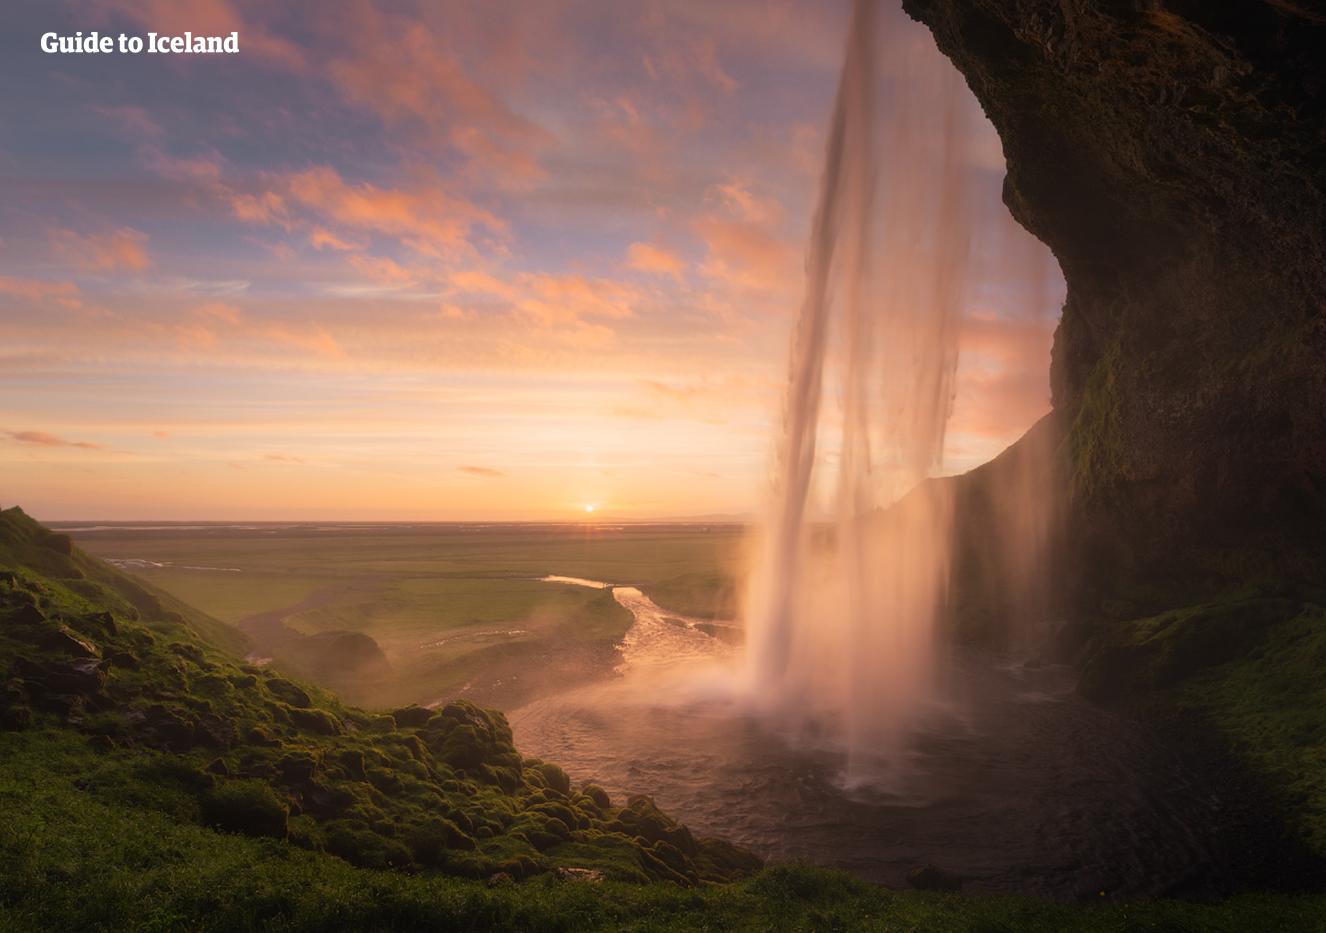 冰岛南岸的塞里雅兰瀑布与午夜阳光相映成趣